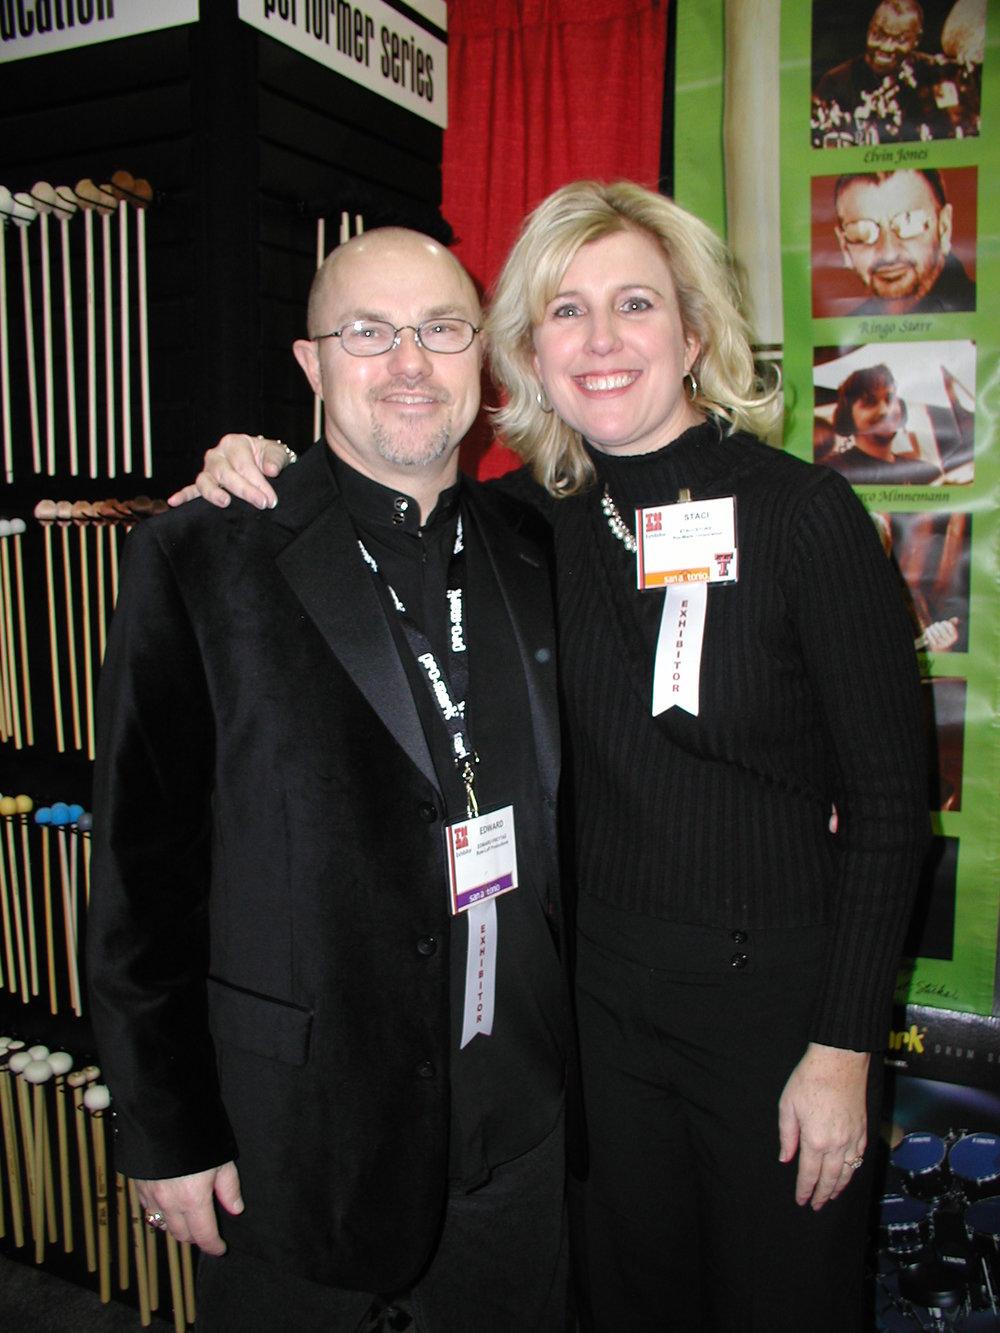 Edward with Staci Stokes Waites, 2007